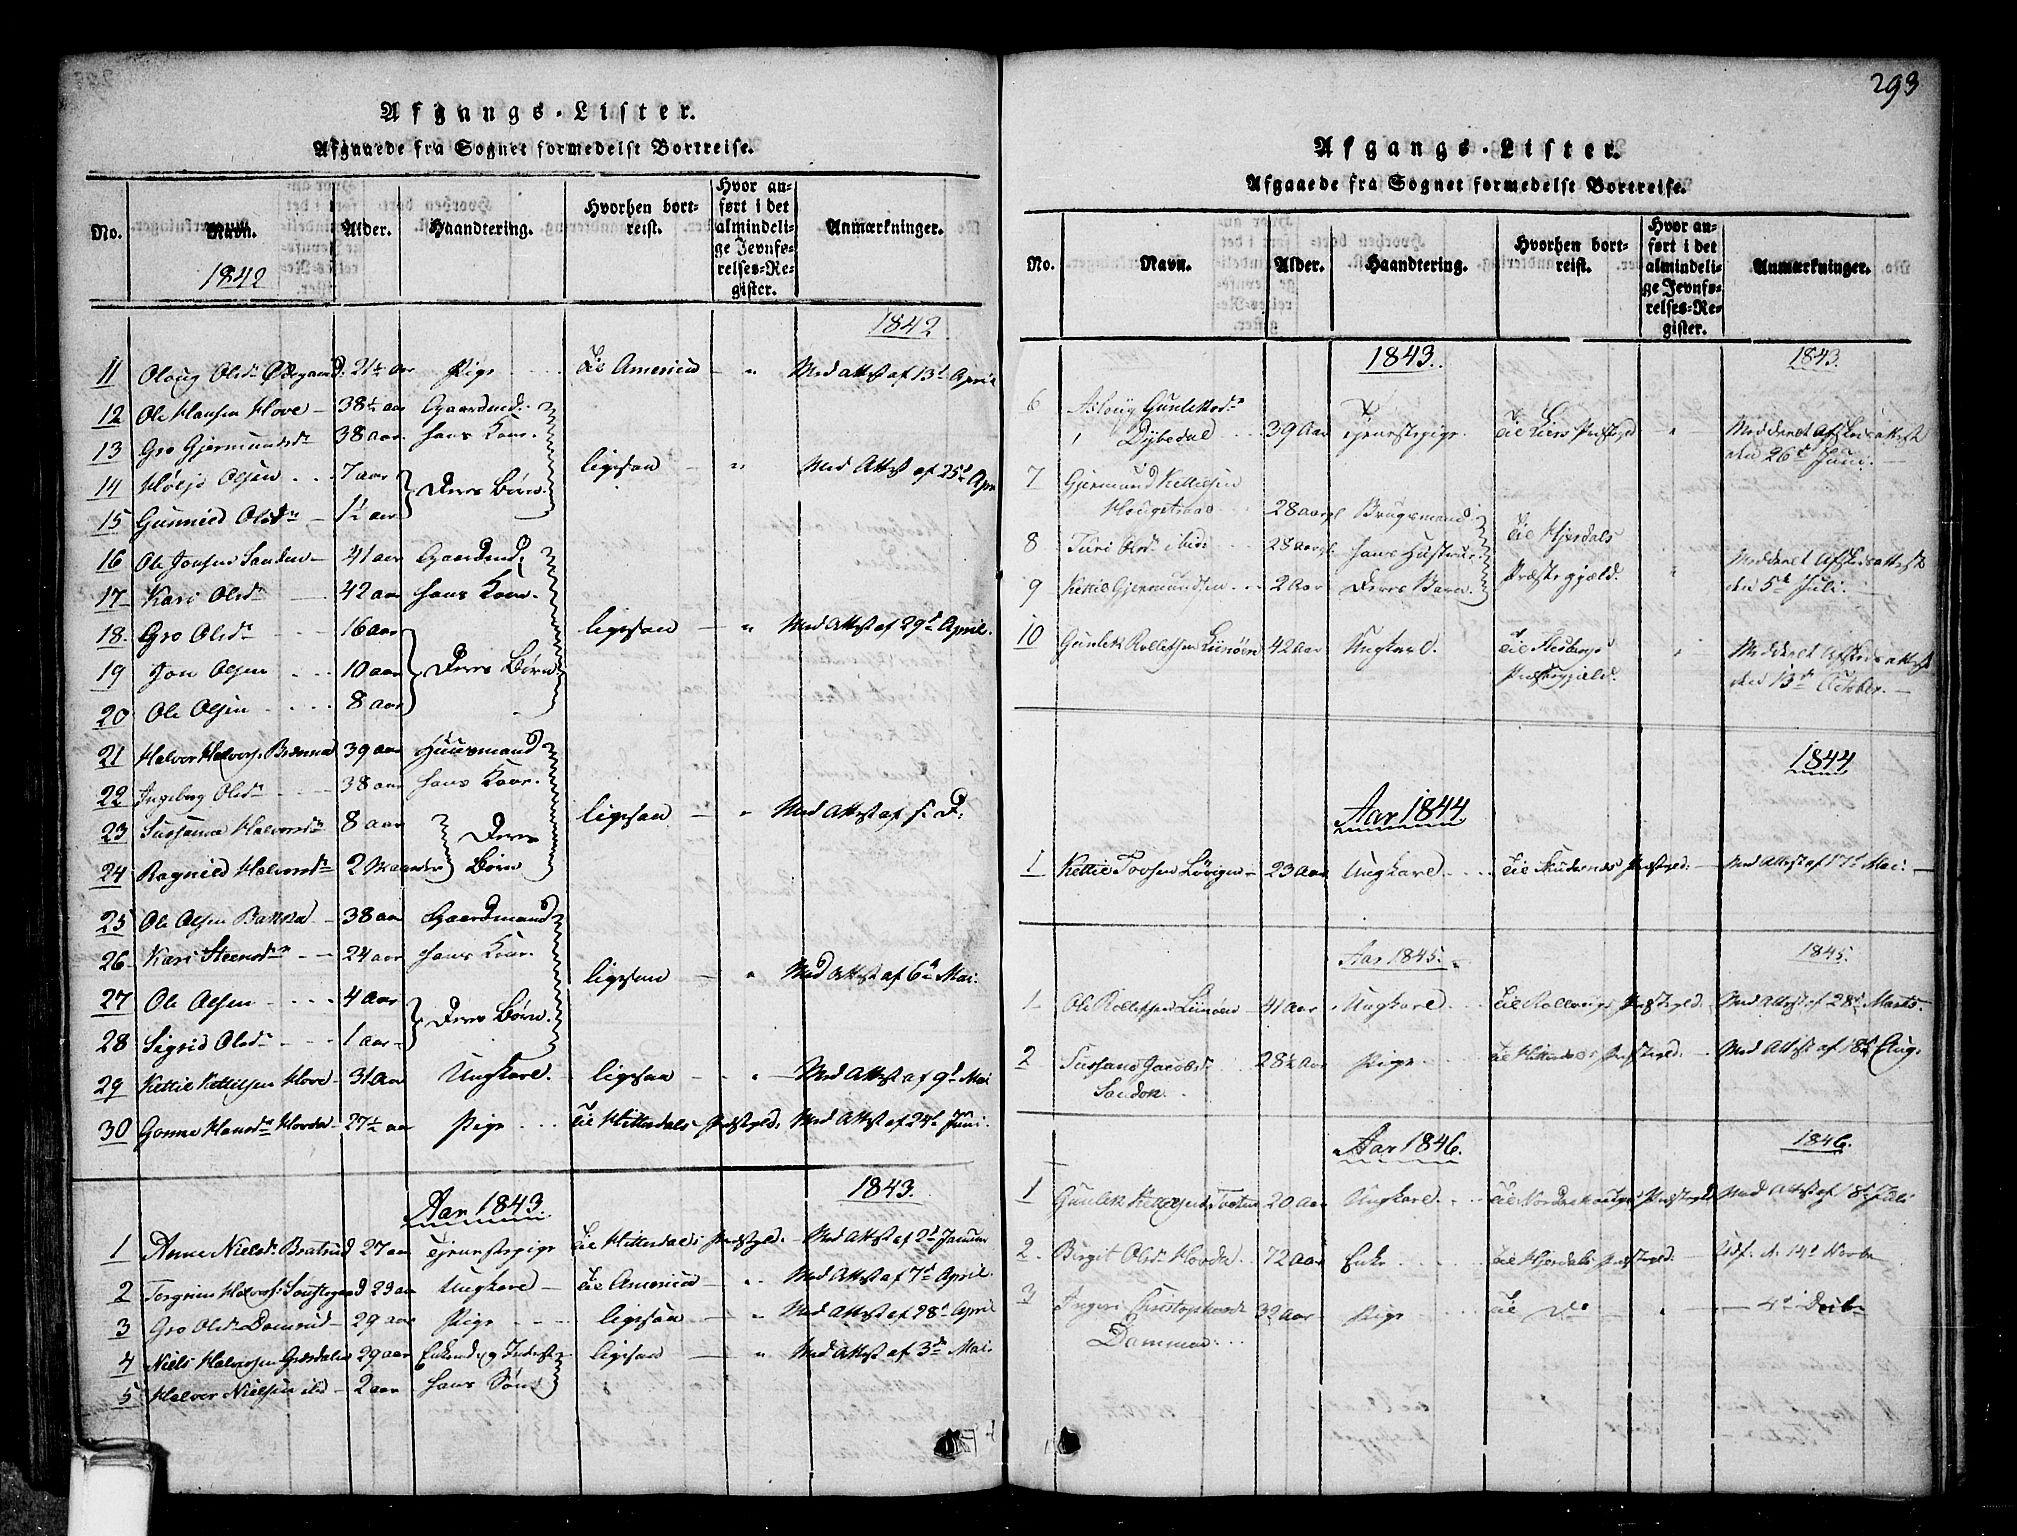 SAKO, Gransherad kirkebøker, G/Gb/L0001: Klokkerbok nr. II 1, 1815-1860, s. 293